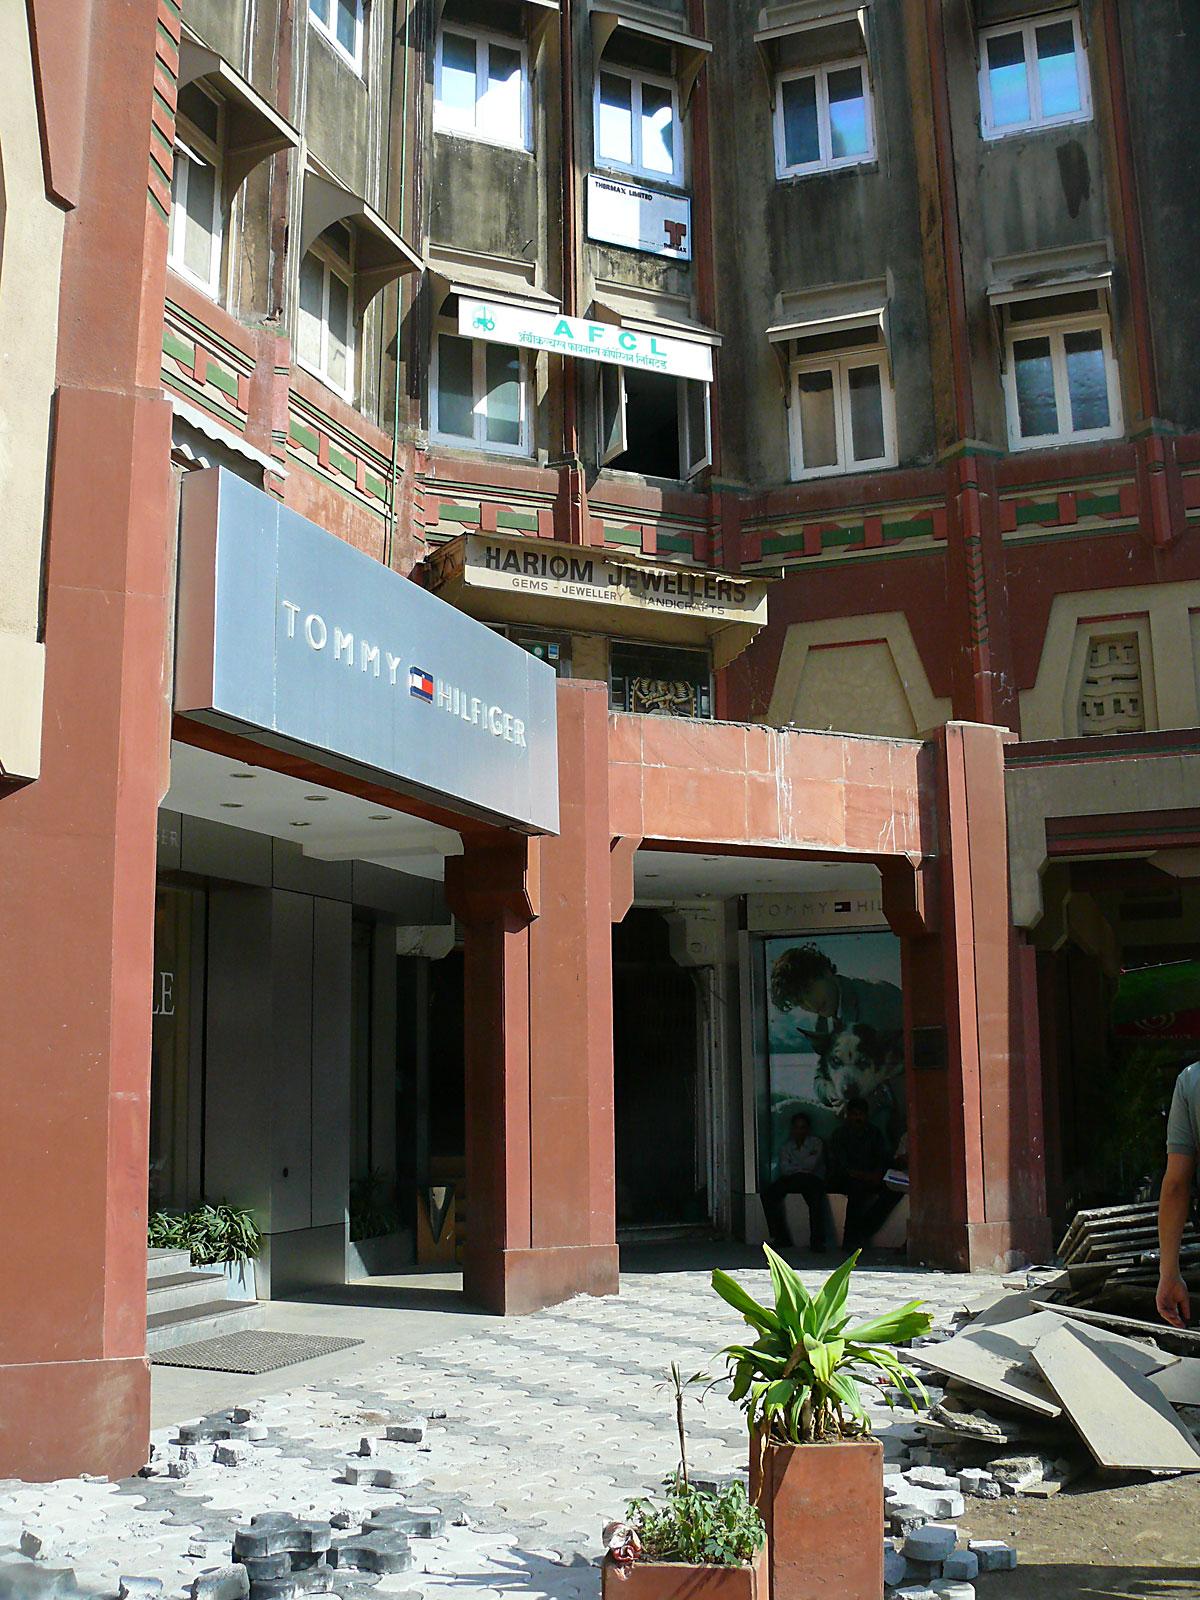 INDIEN MUMBAI Menschen Wohnen FINEST-onTour P1030500.jpg